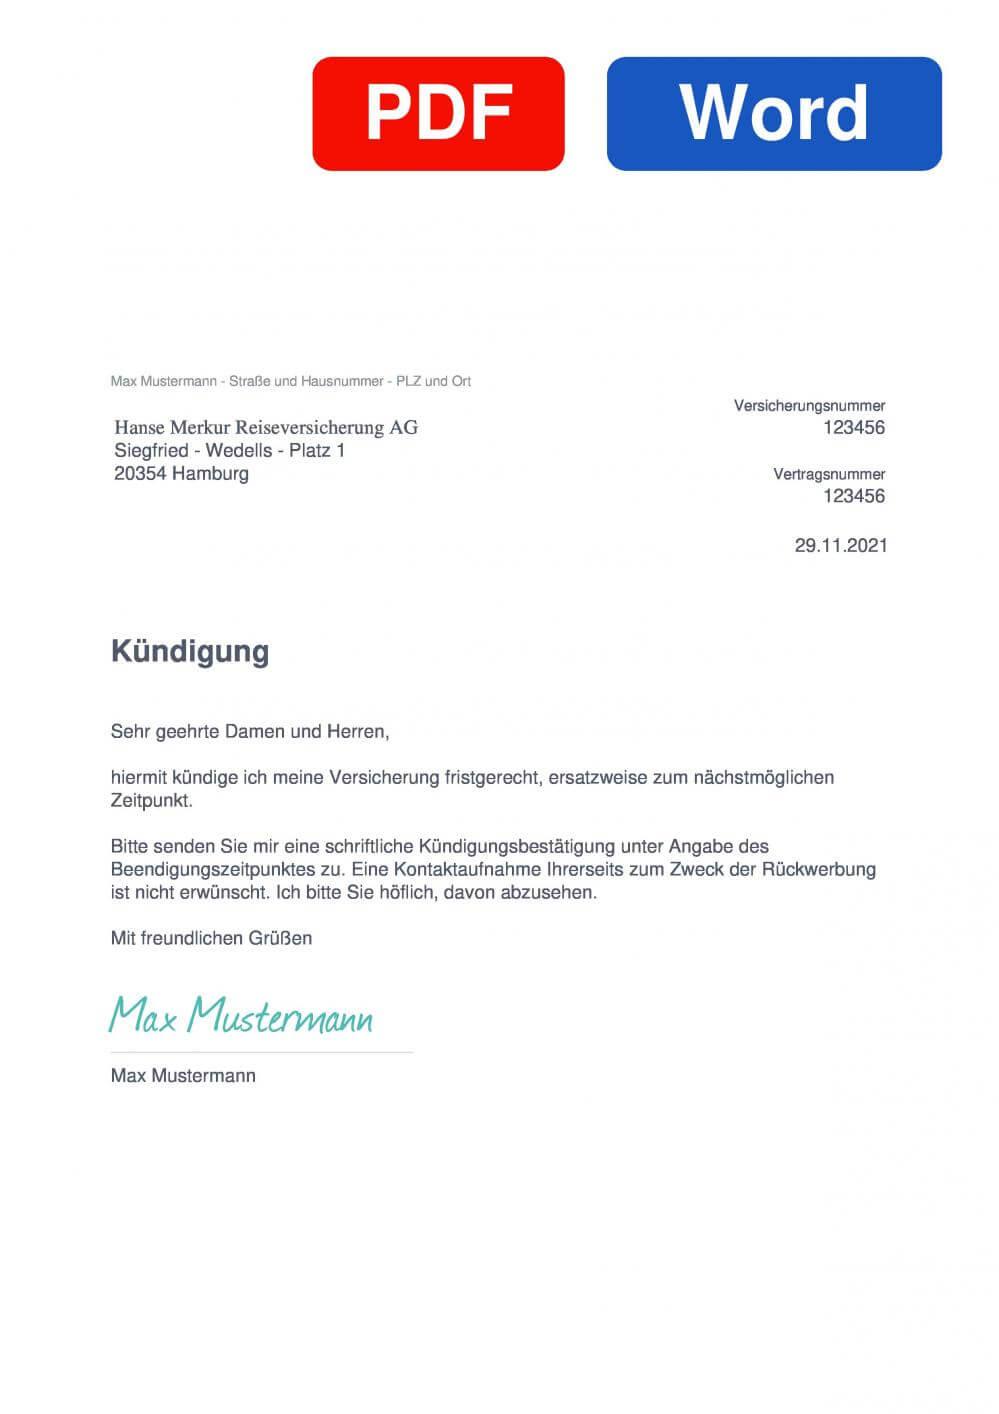 Hanse Merkur Auslandskrankenversicherung Muster Vorlage für Kündigungsschreiben